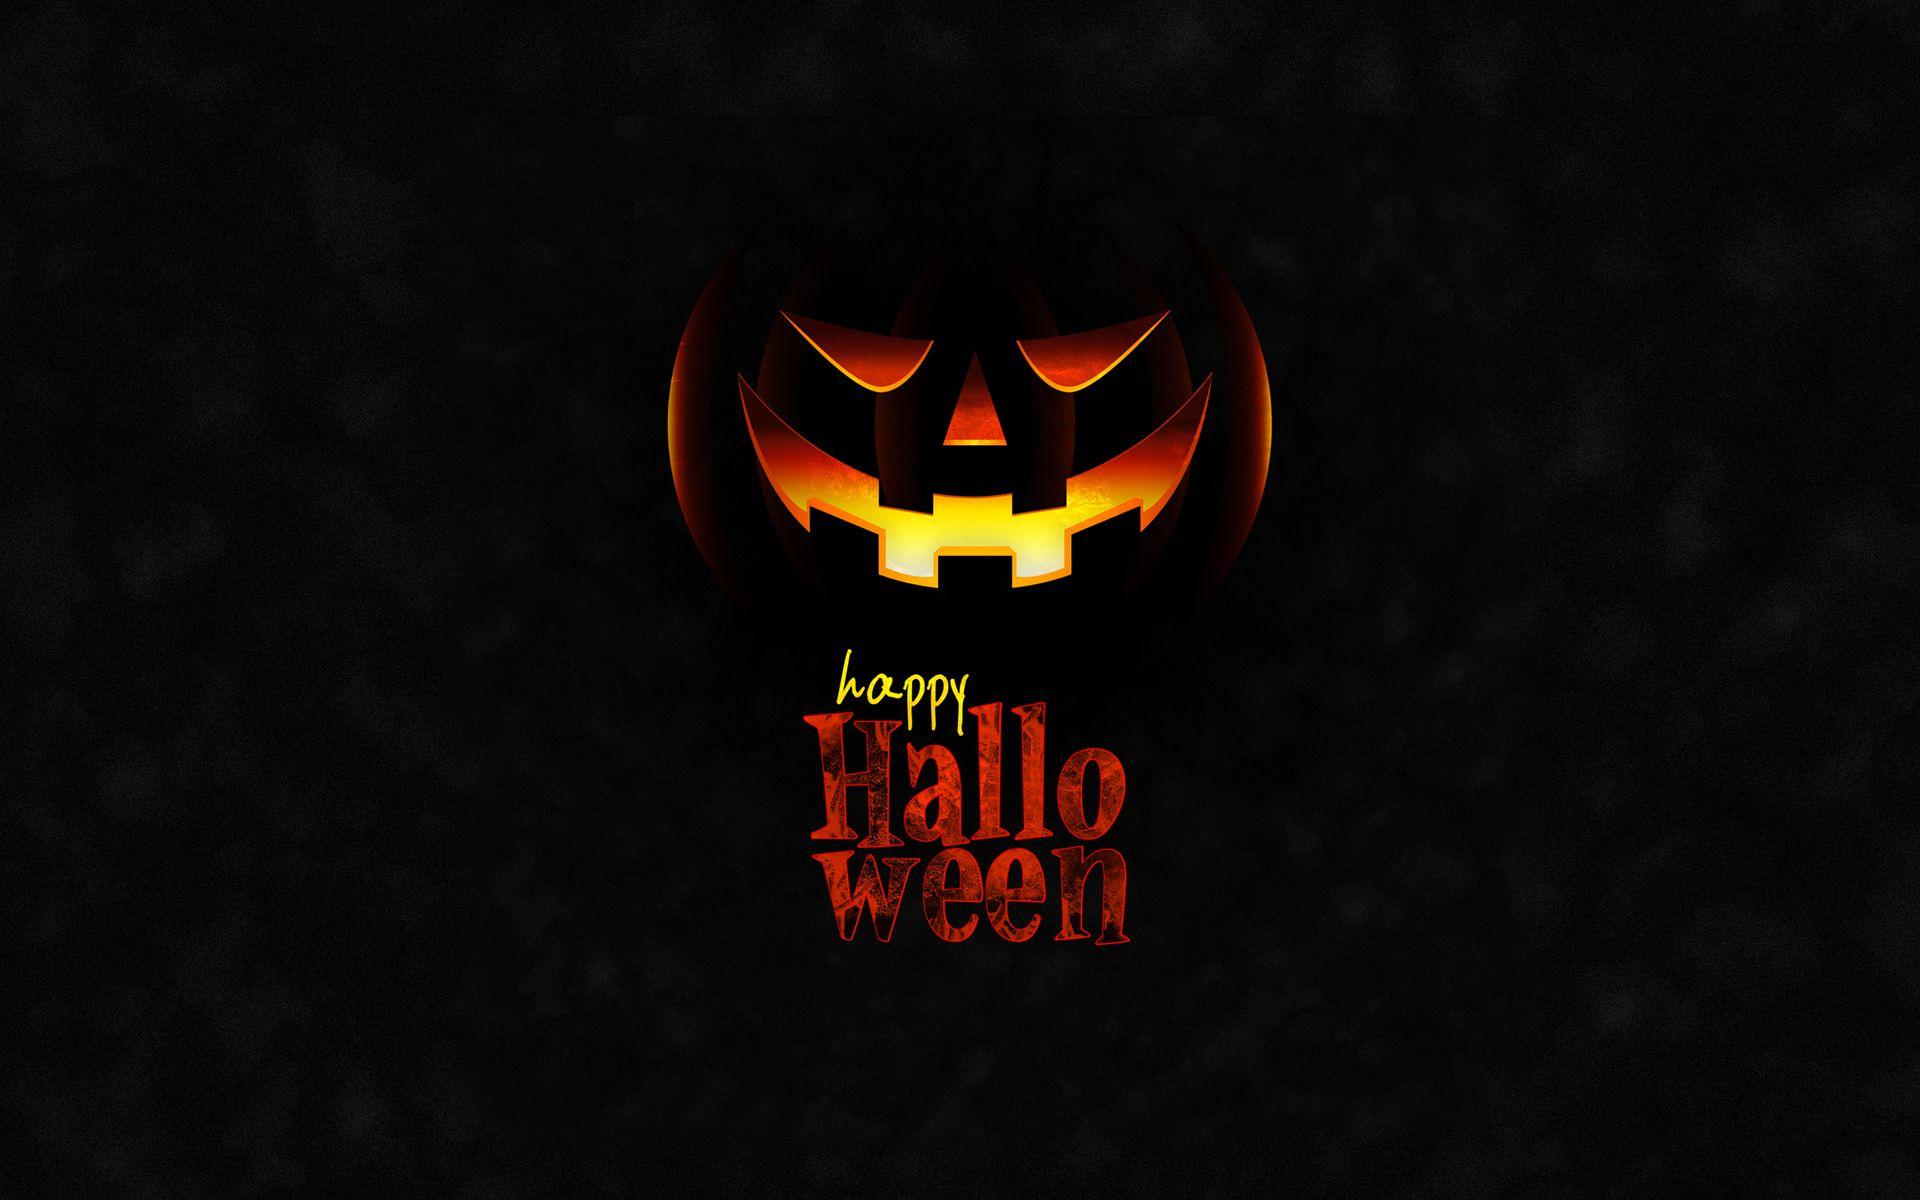 download wallpaper halloween halloween wallpaper for 2011 - Halloween Wallpaper Download